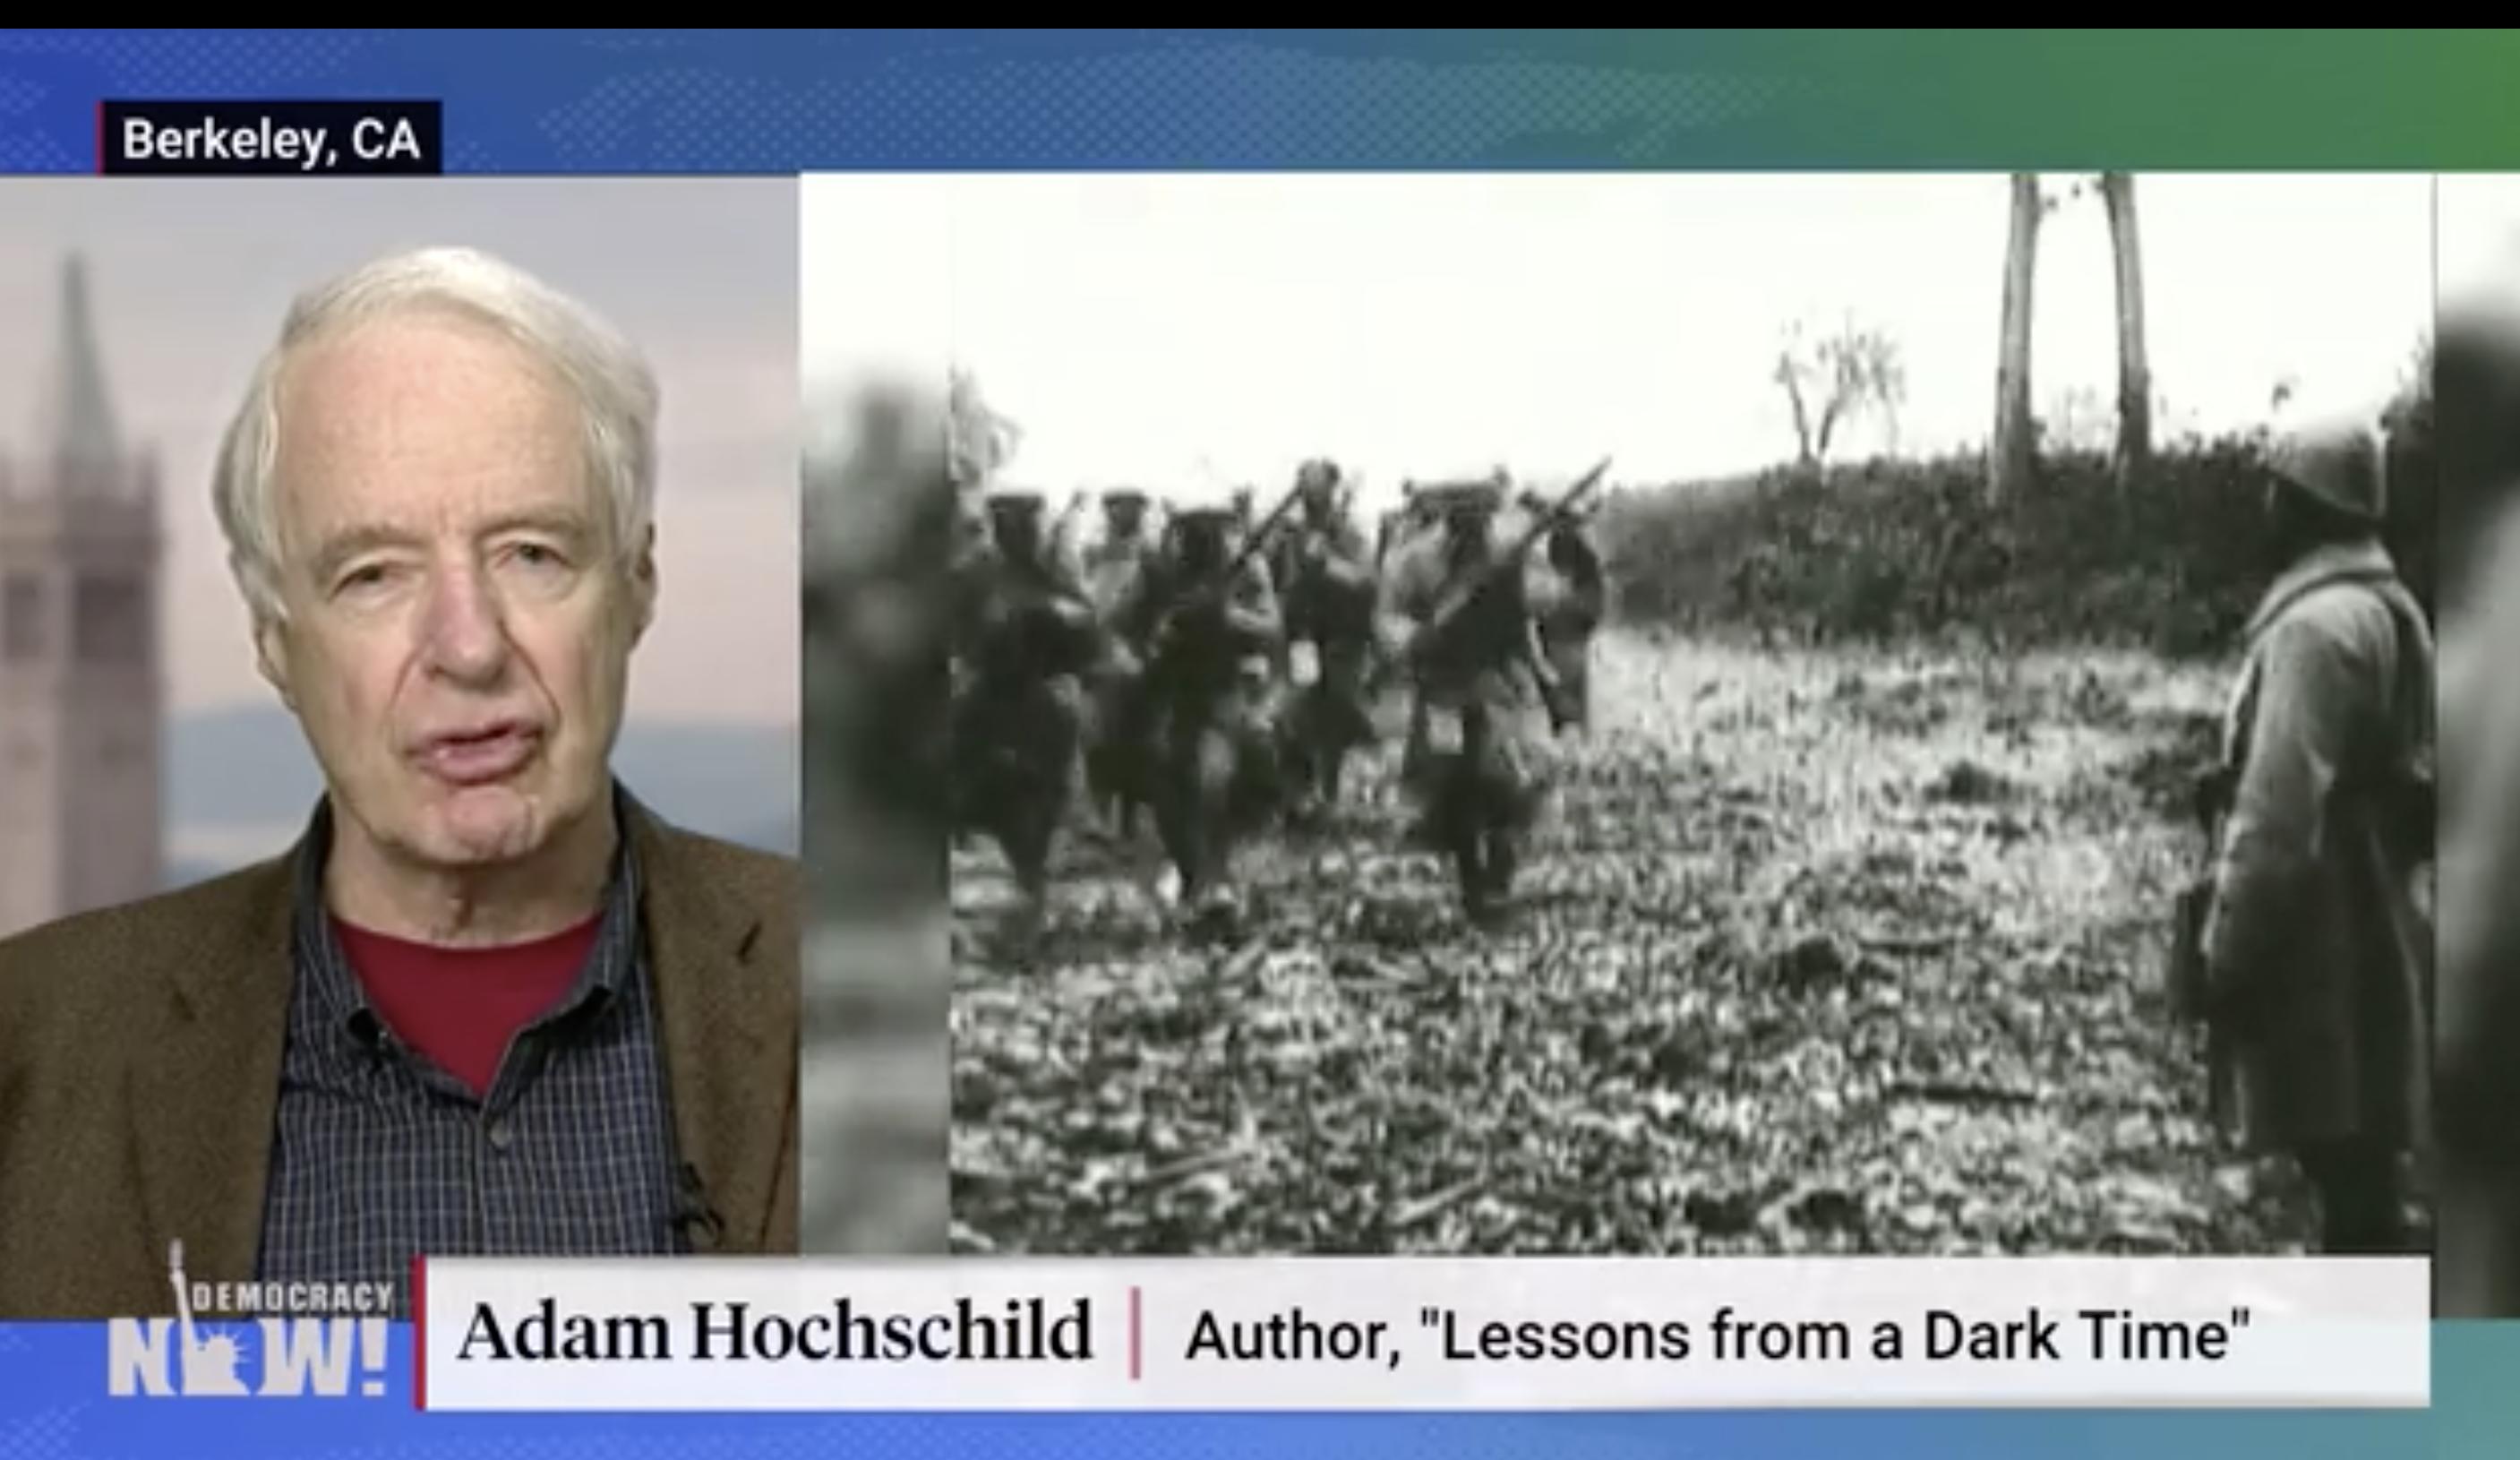 Adam Hochschild on Democracy Now